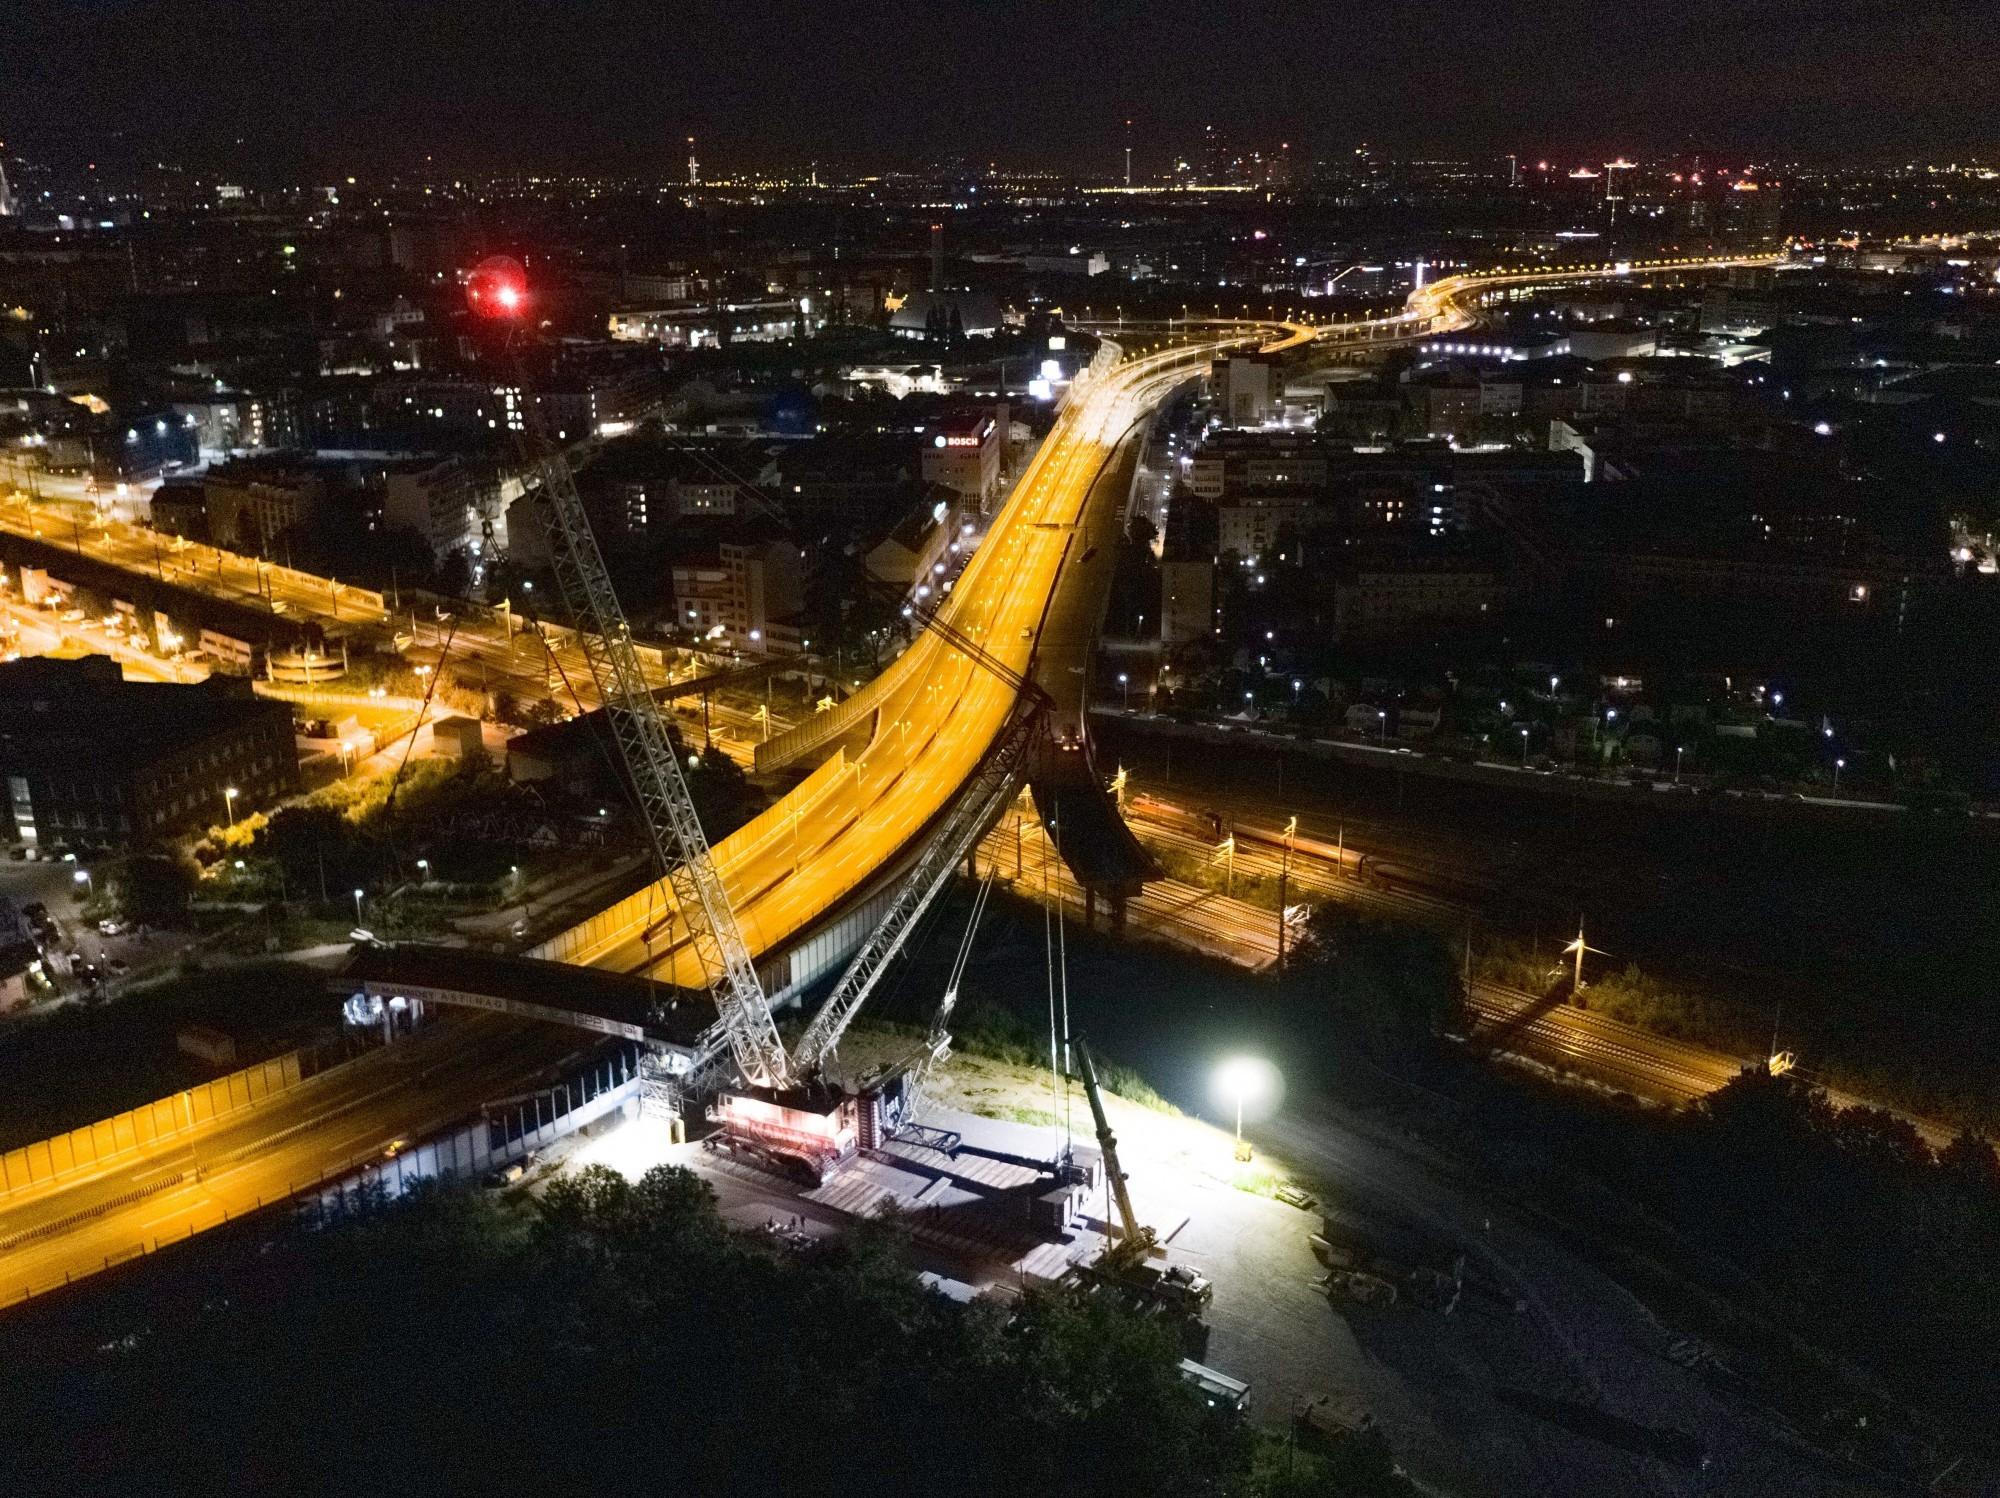 Fermeture complète d'une section de la tangente sud-est de Vienne pendant la nuit.